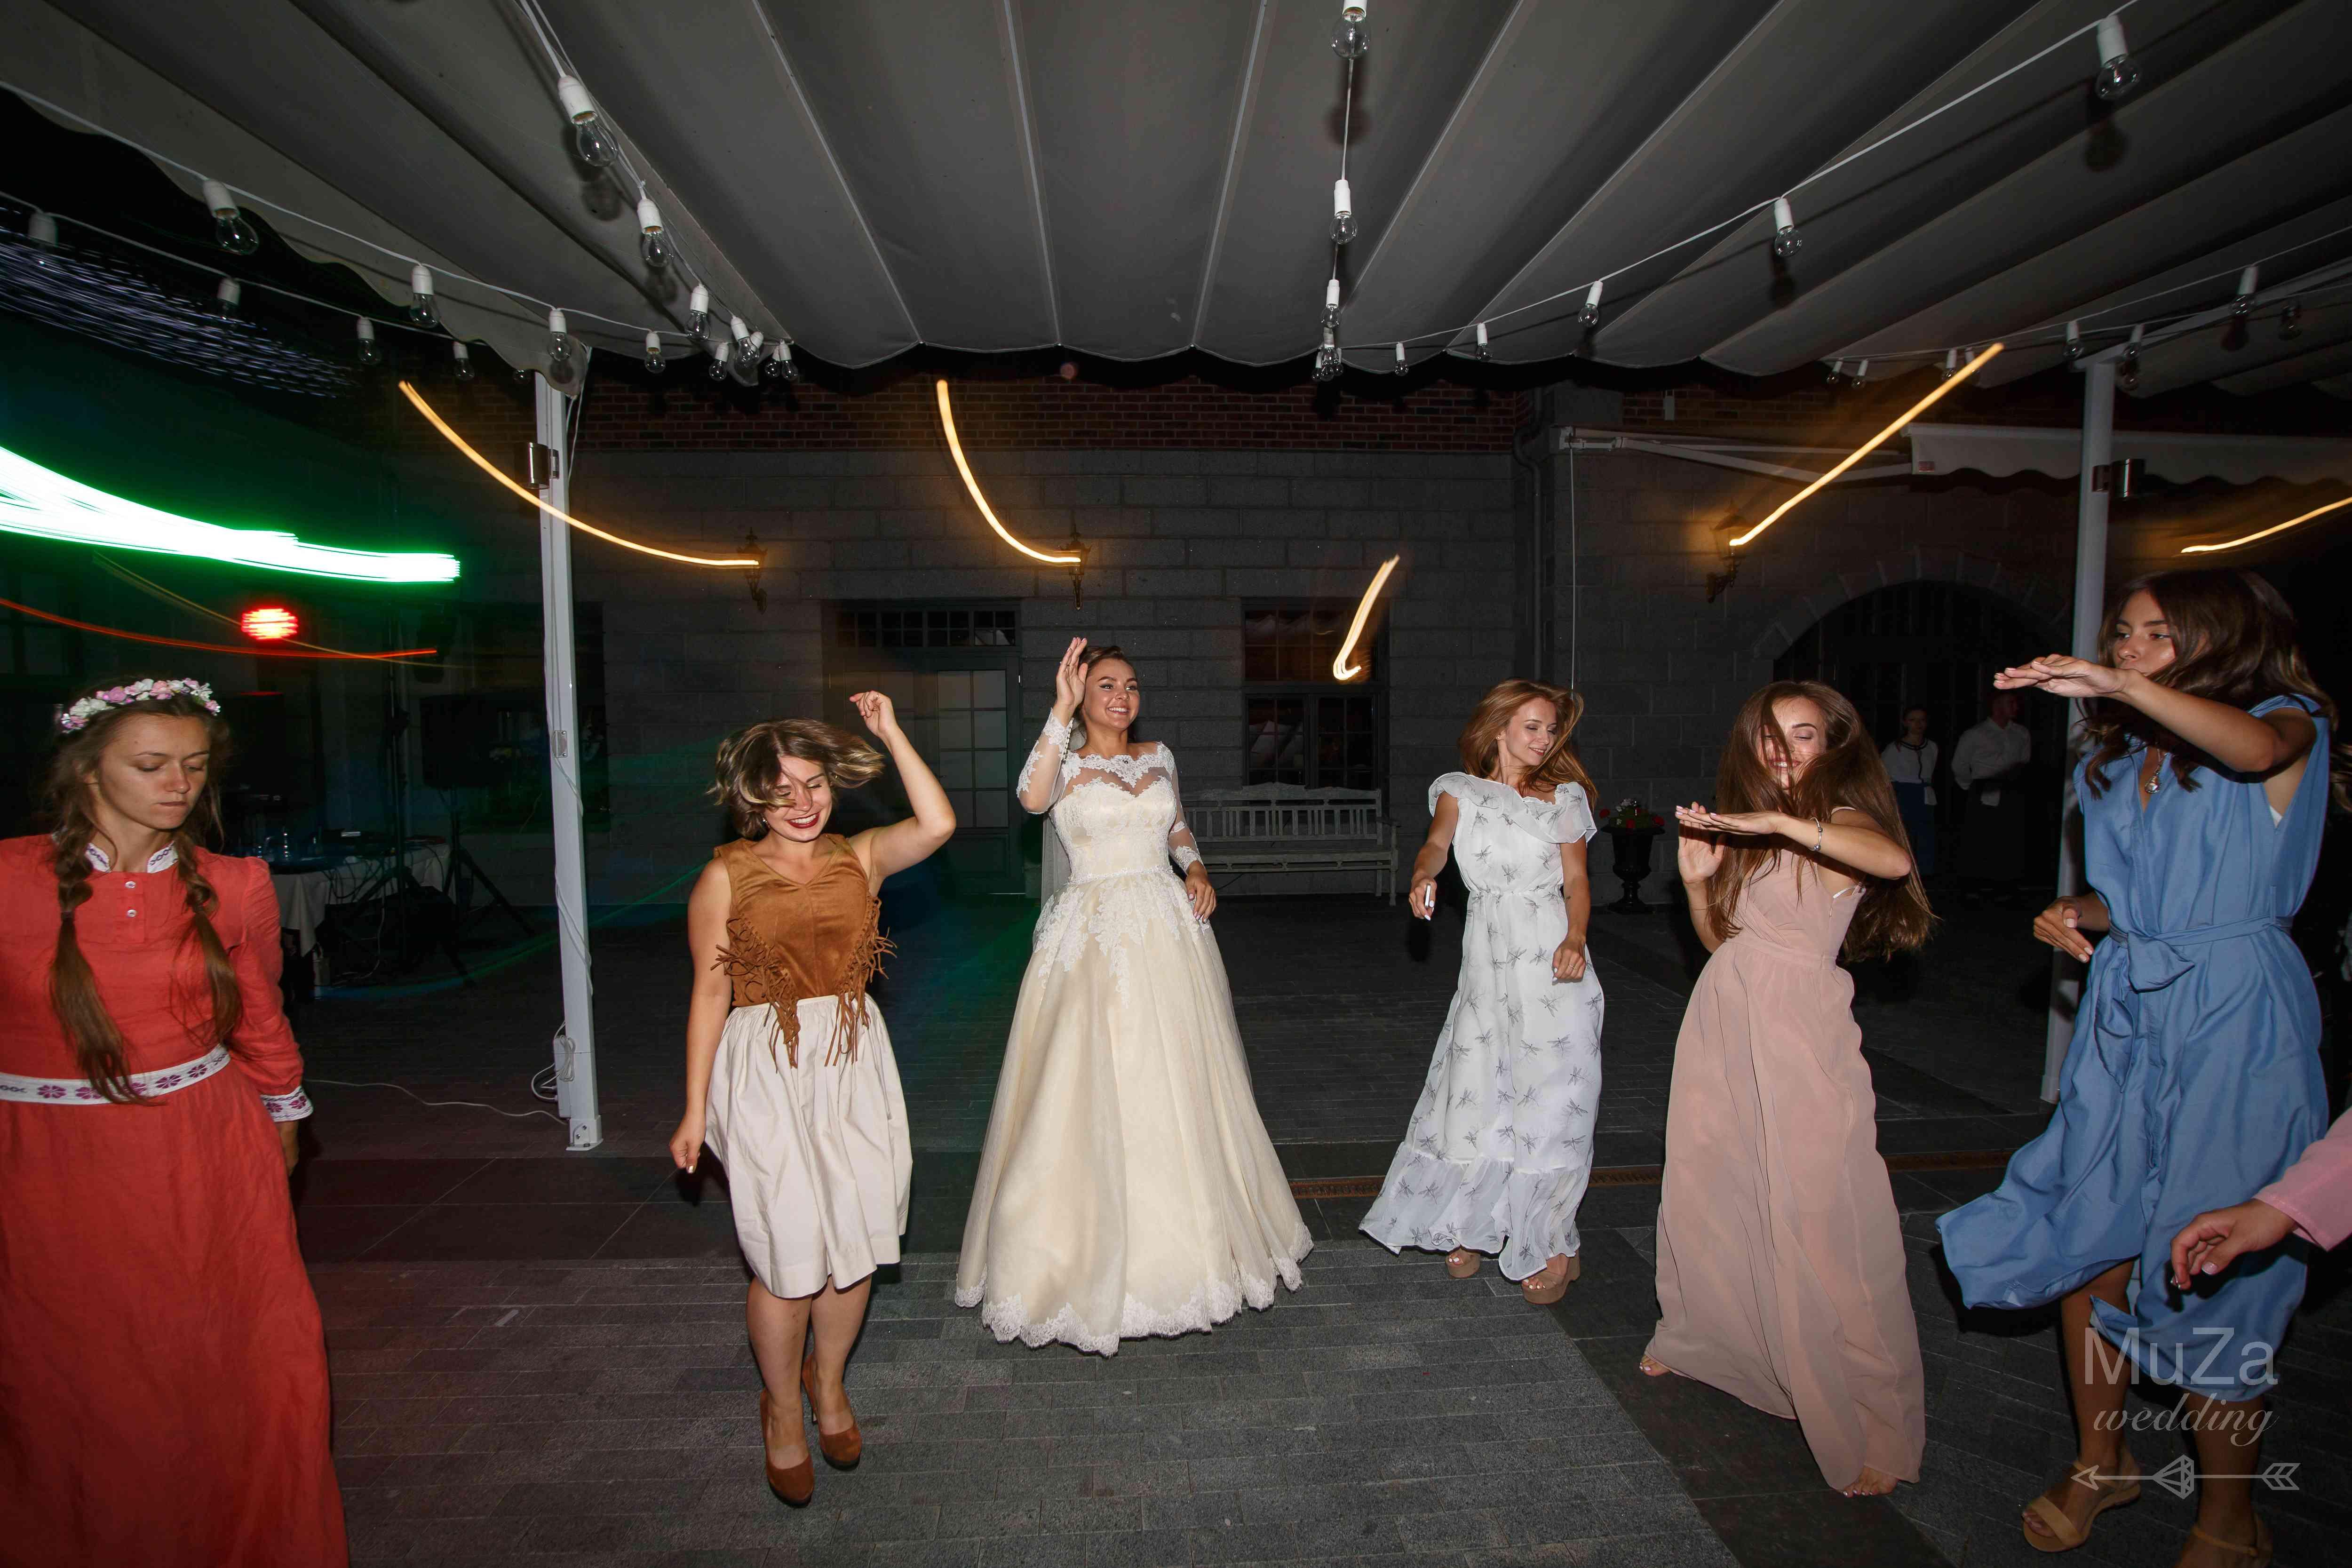 танцы, свадьба, девушки, веселье